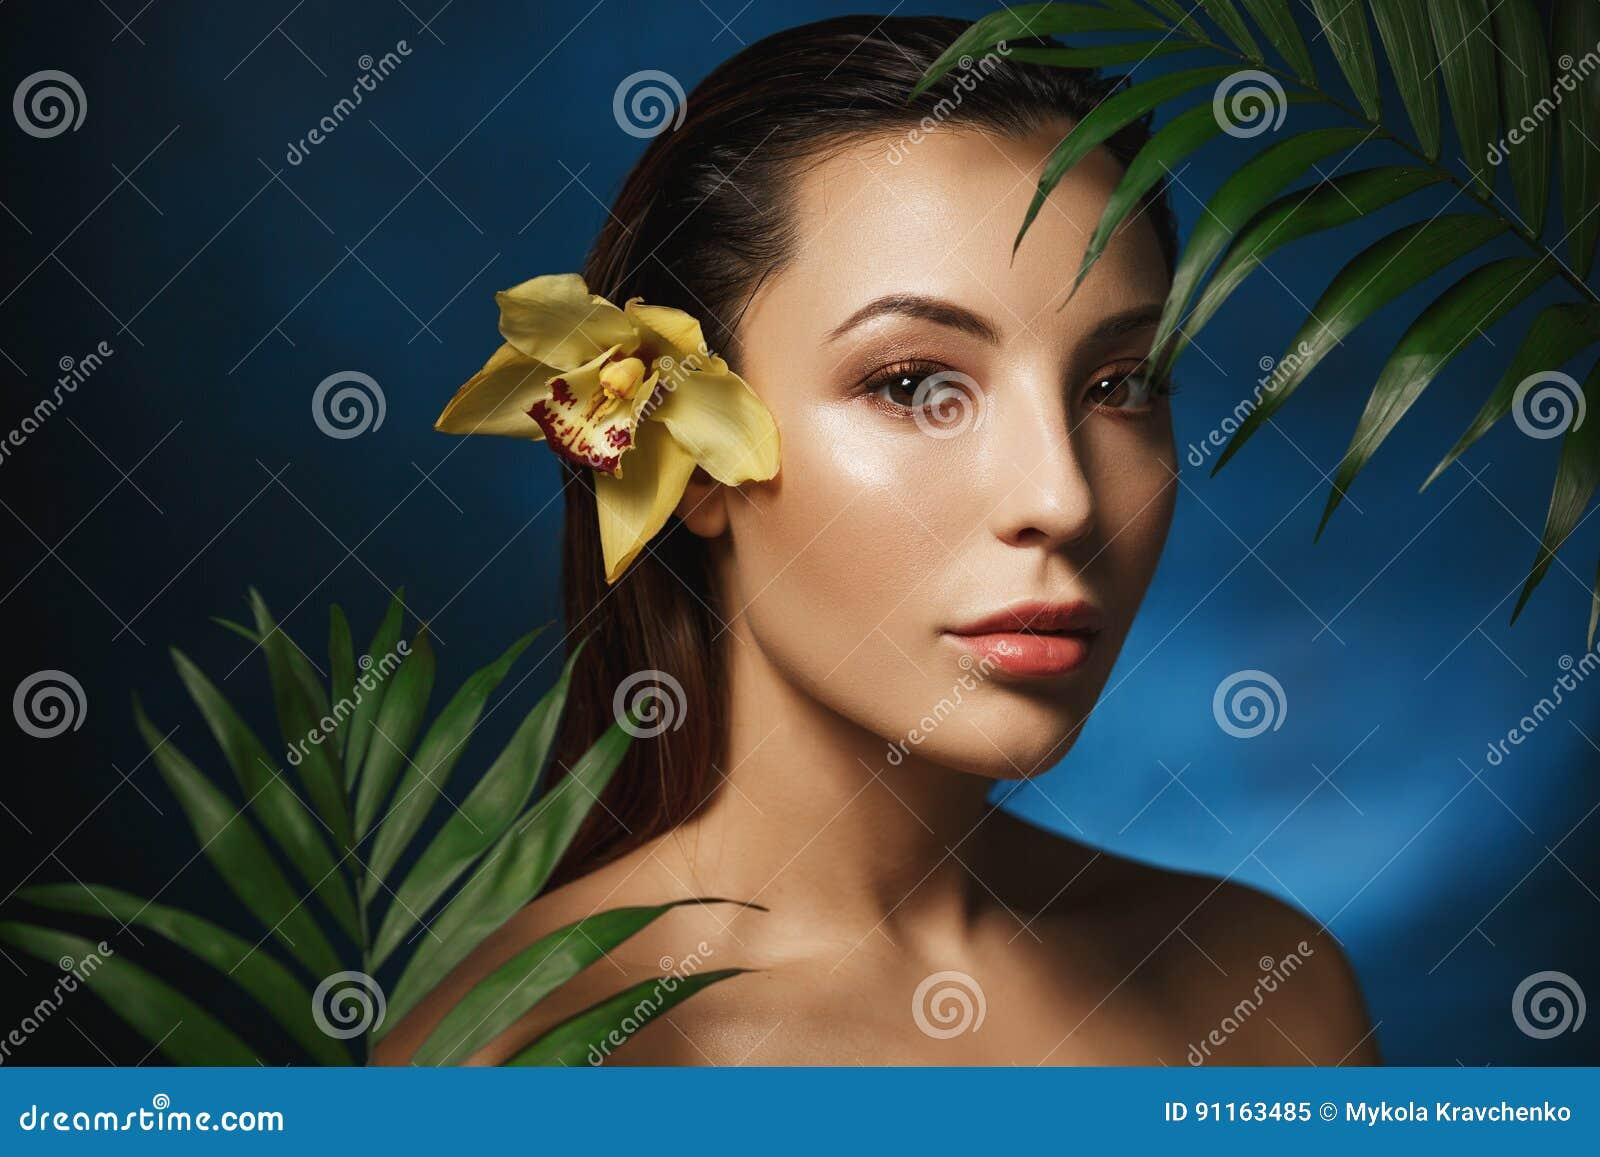 Imágenes Comunes Del Mujer Desnuda En Flores Los Derechos De La